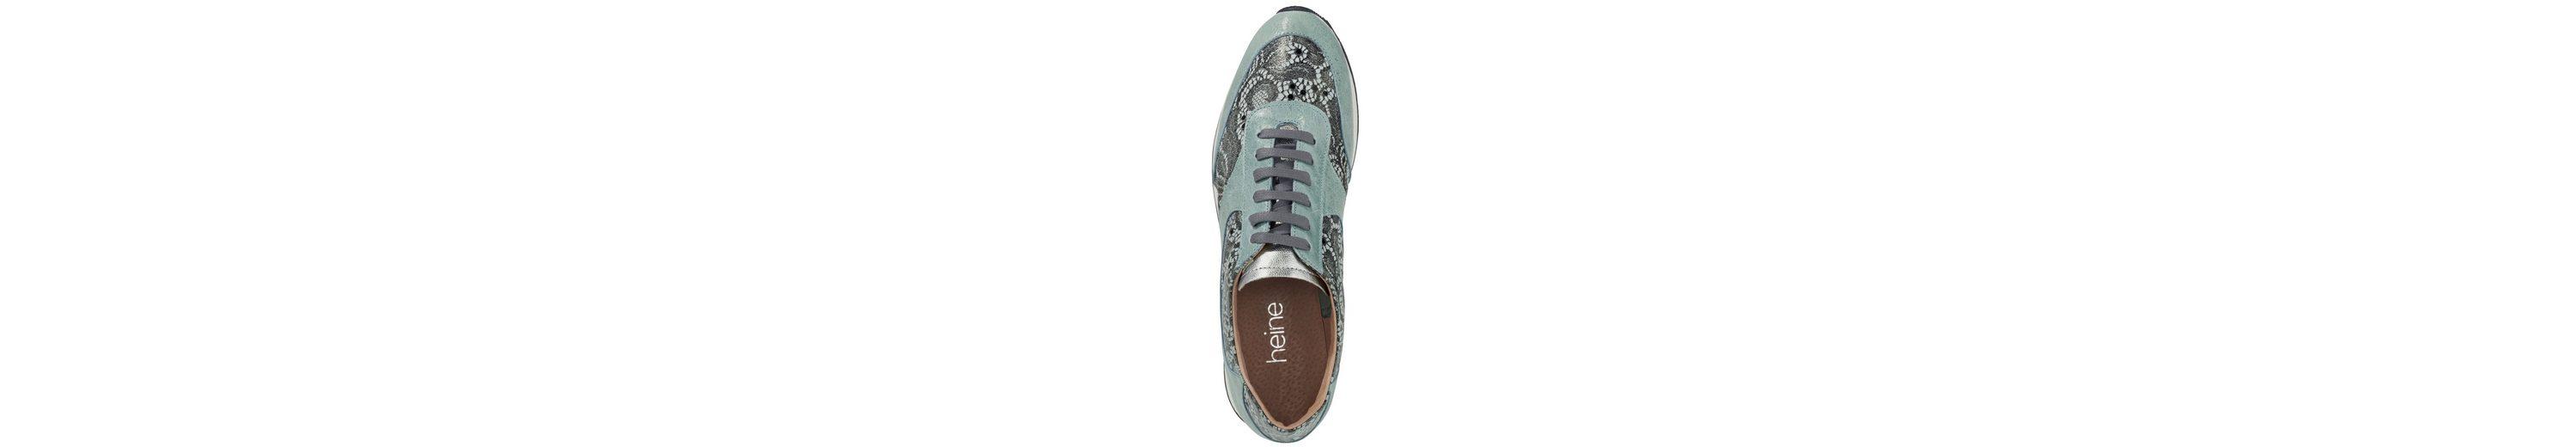 Heine Sneaker Outlet Besten Großhandel Spielraum Kosten Vorbestellung Online Shop Online-Verkauf Verkauf Rabatte f3I2L7